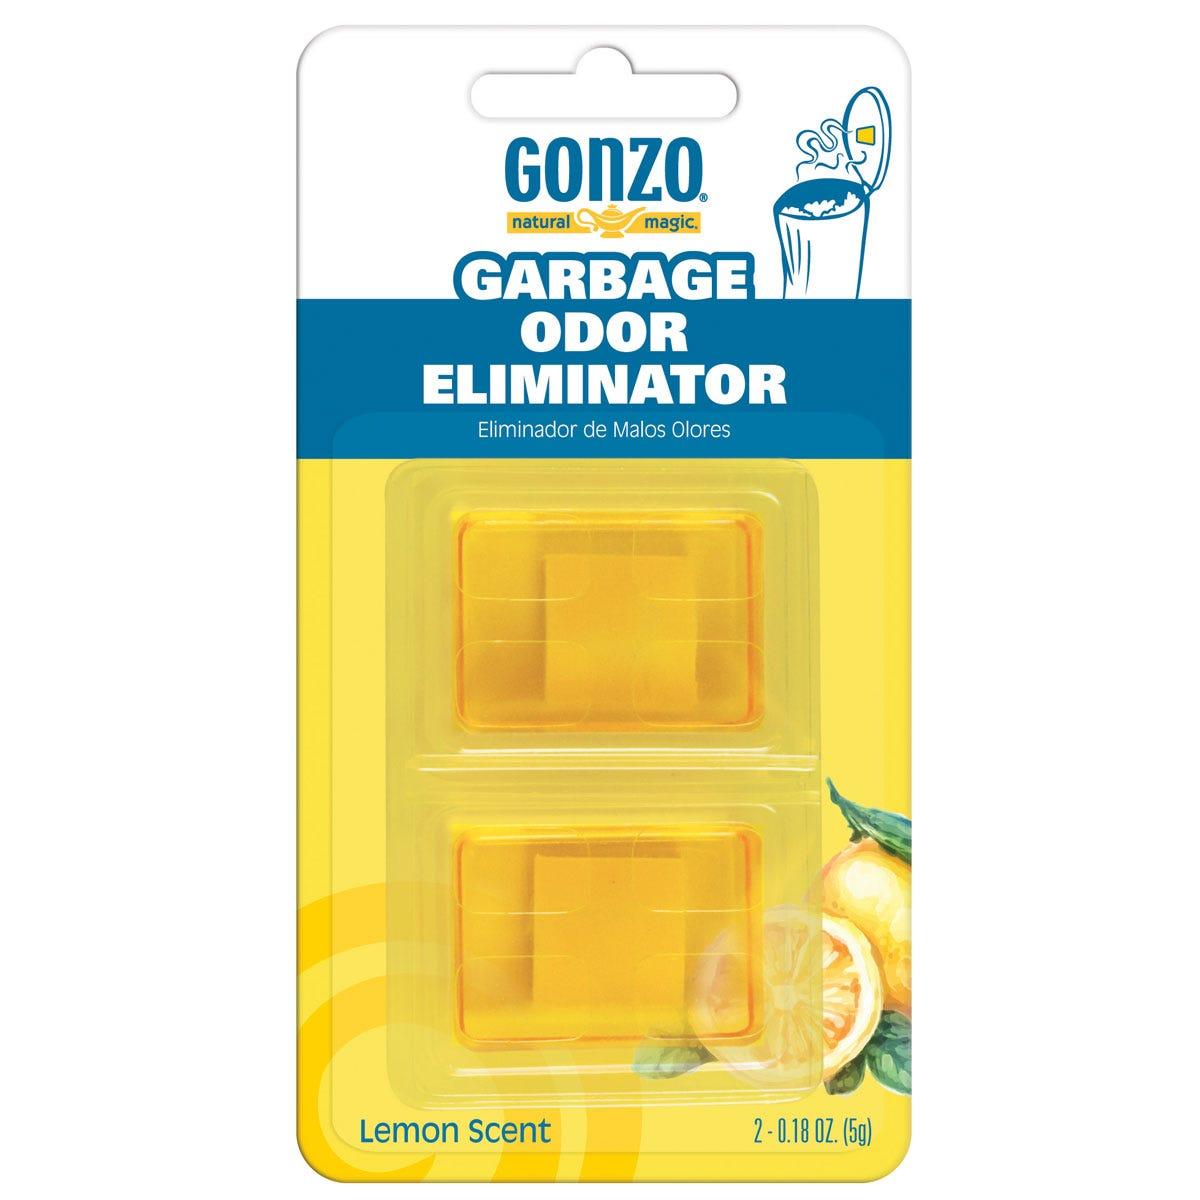 https://googone.com/media/catalog/product/g/a/garbage-odor-eliminator_front_1_6.jpg